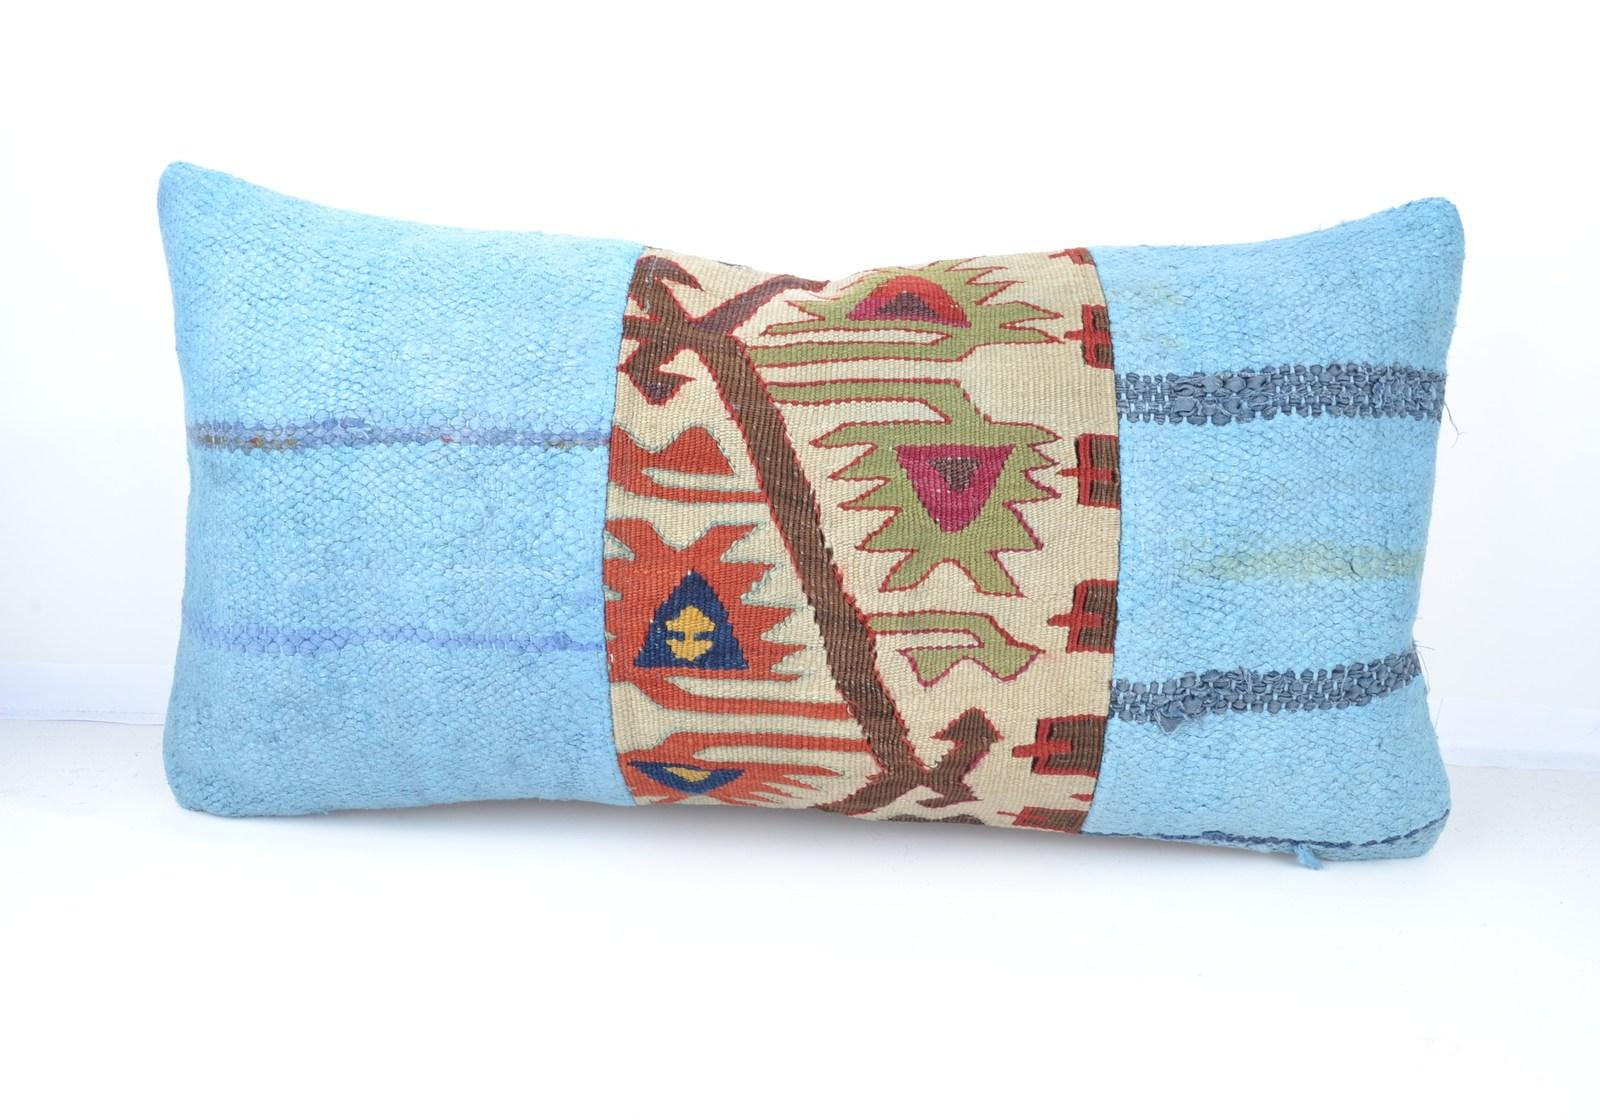 12x24'' decorative throw pillows, pillow cover, decorative pillows throw pillow  - $55.00